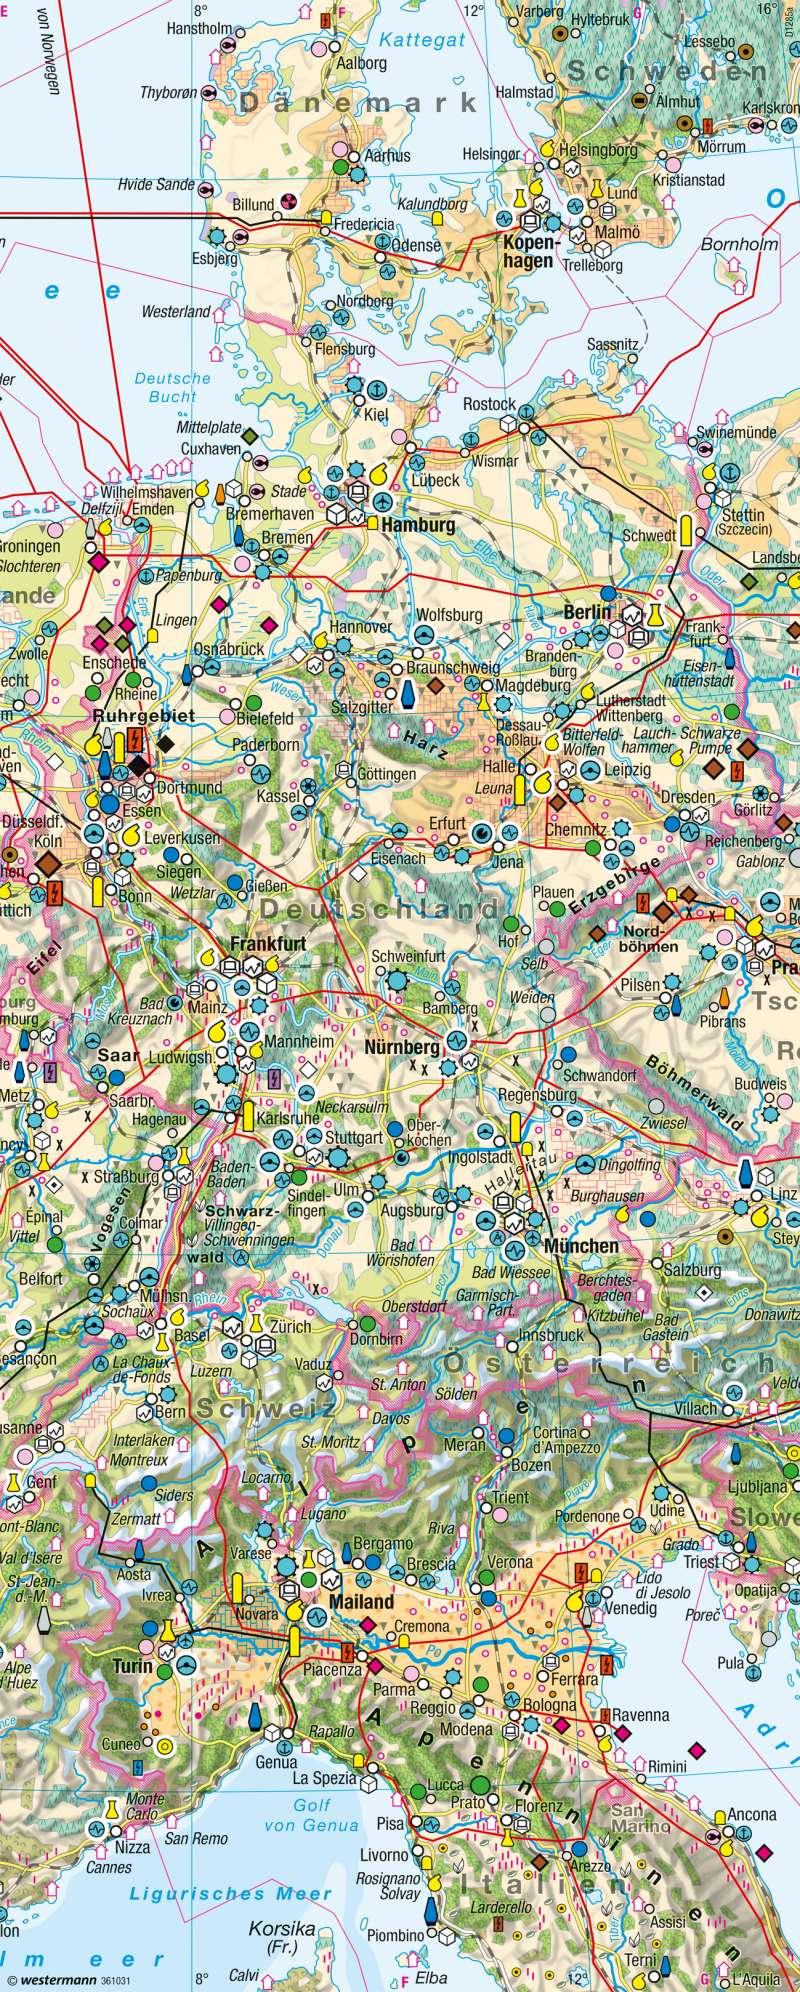 | Wirtschaftskarte | Kartenlesen - Wirtschaftskarten auswerten | Karte 15/8